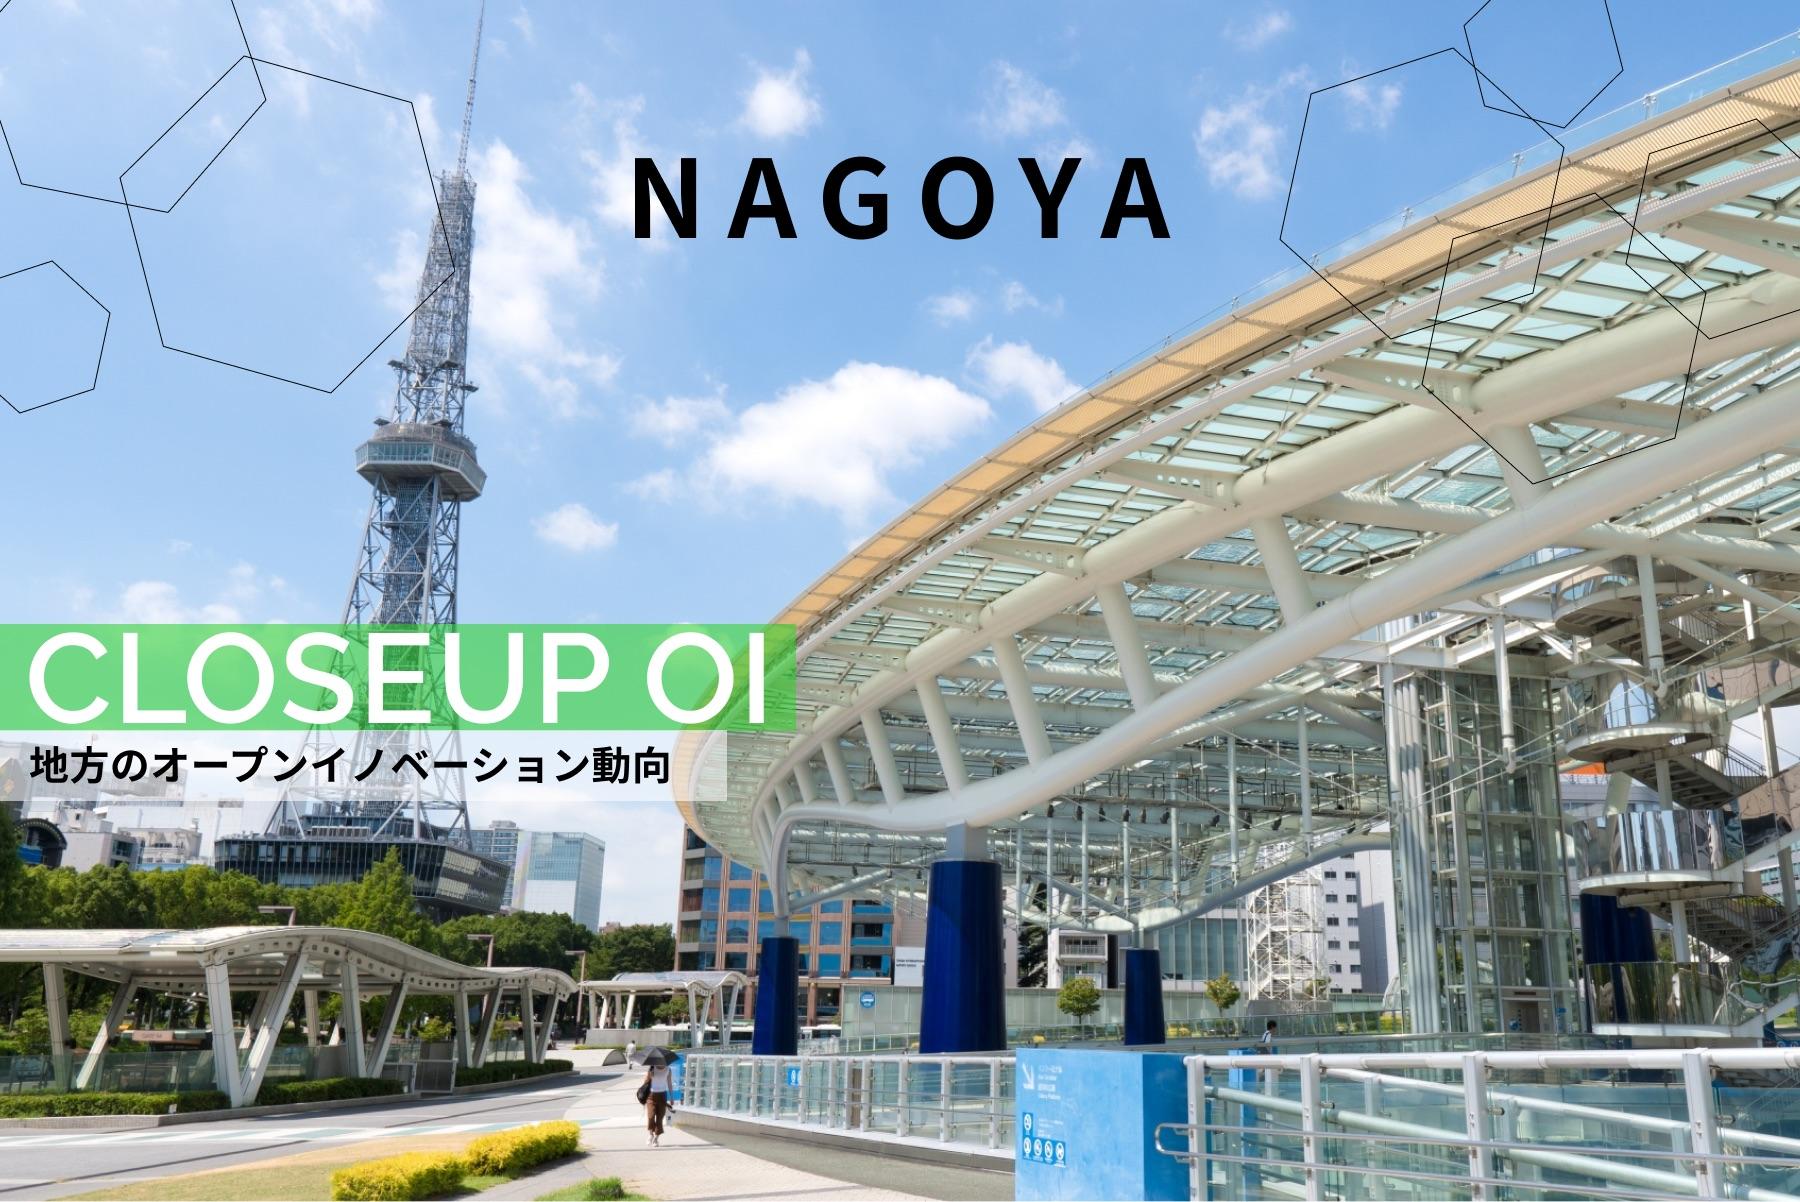 名古屋市の「少子高齢化」「リニア」「南海トラフ地震」を軸にしたオープンイノベーション文化